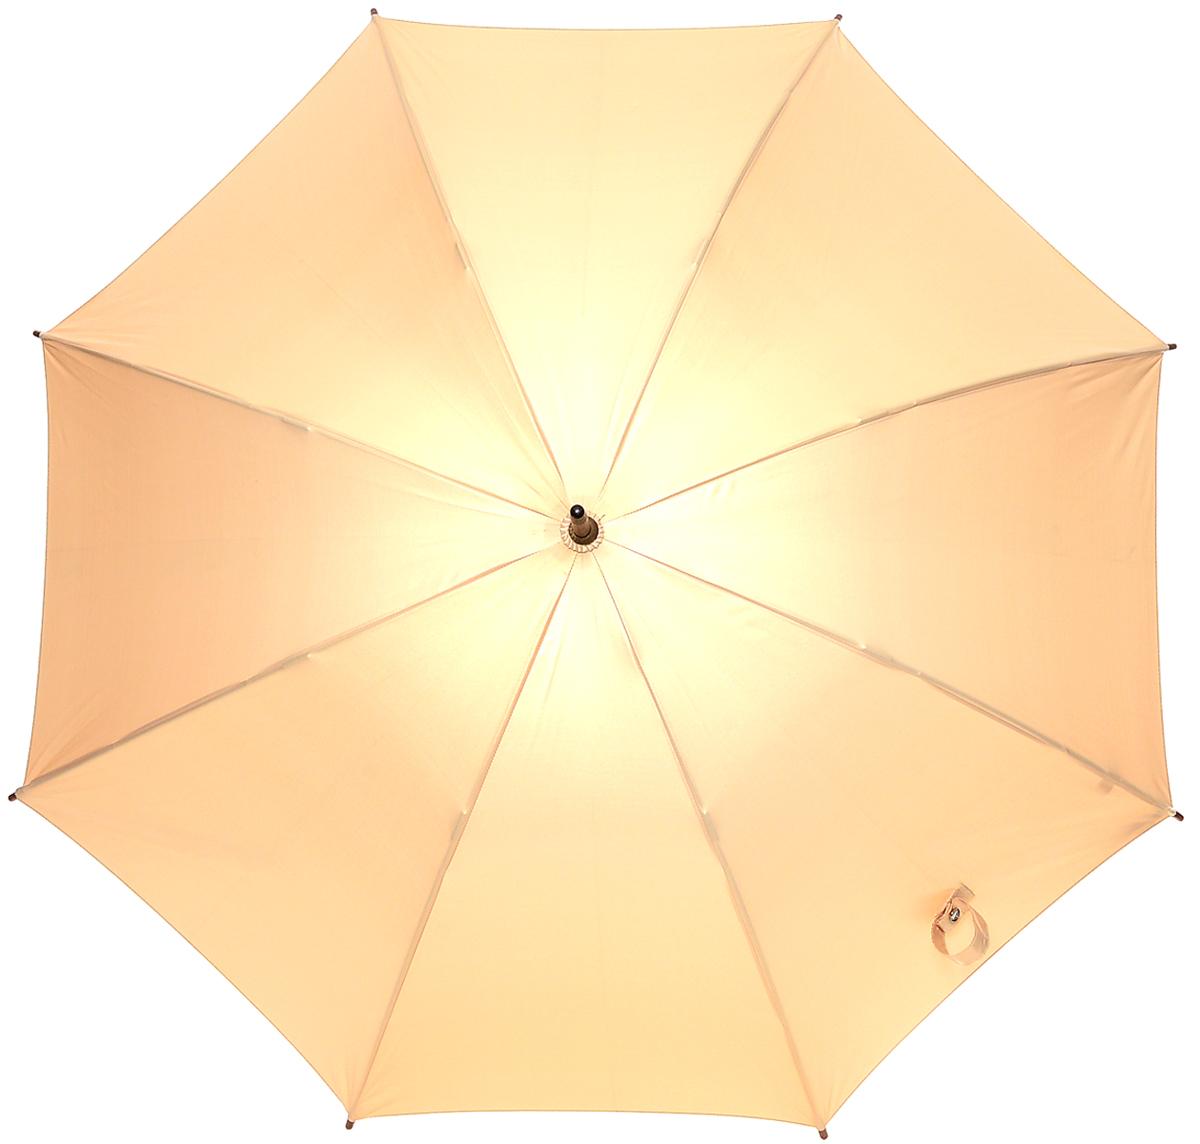 Зонт-трость женский Fulton Kensington, механический, цвет: золотой. L776-013L776-013 GoldМодный механический зонт-трость Fulton Kensington даже в ненастную погоду позволит вам оставаться стильной и элегантной. Каркас зонта состоит из 8 спиц и стержня из фибергласса. Купол зонта выполнен из прочного полиэстера. Изделие оснащено удобной рукояткой из дерева. Зонт механического сложения: купол открывается и закрывается вручную до характерного щелчка. Модель закрывается при помощи двух хлястиков на кнопках. Такой зонт не только надежно защитит вас от дождя, но и станет стильным аксессуаром, который идеально подчеркнет ваш неповторимый образ.